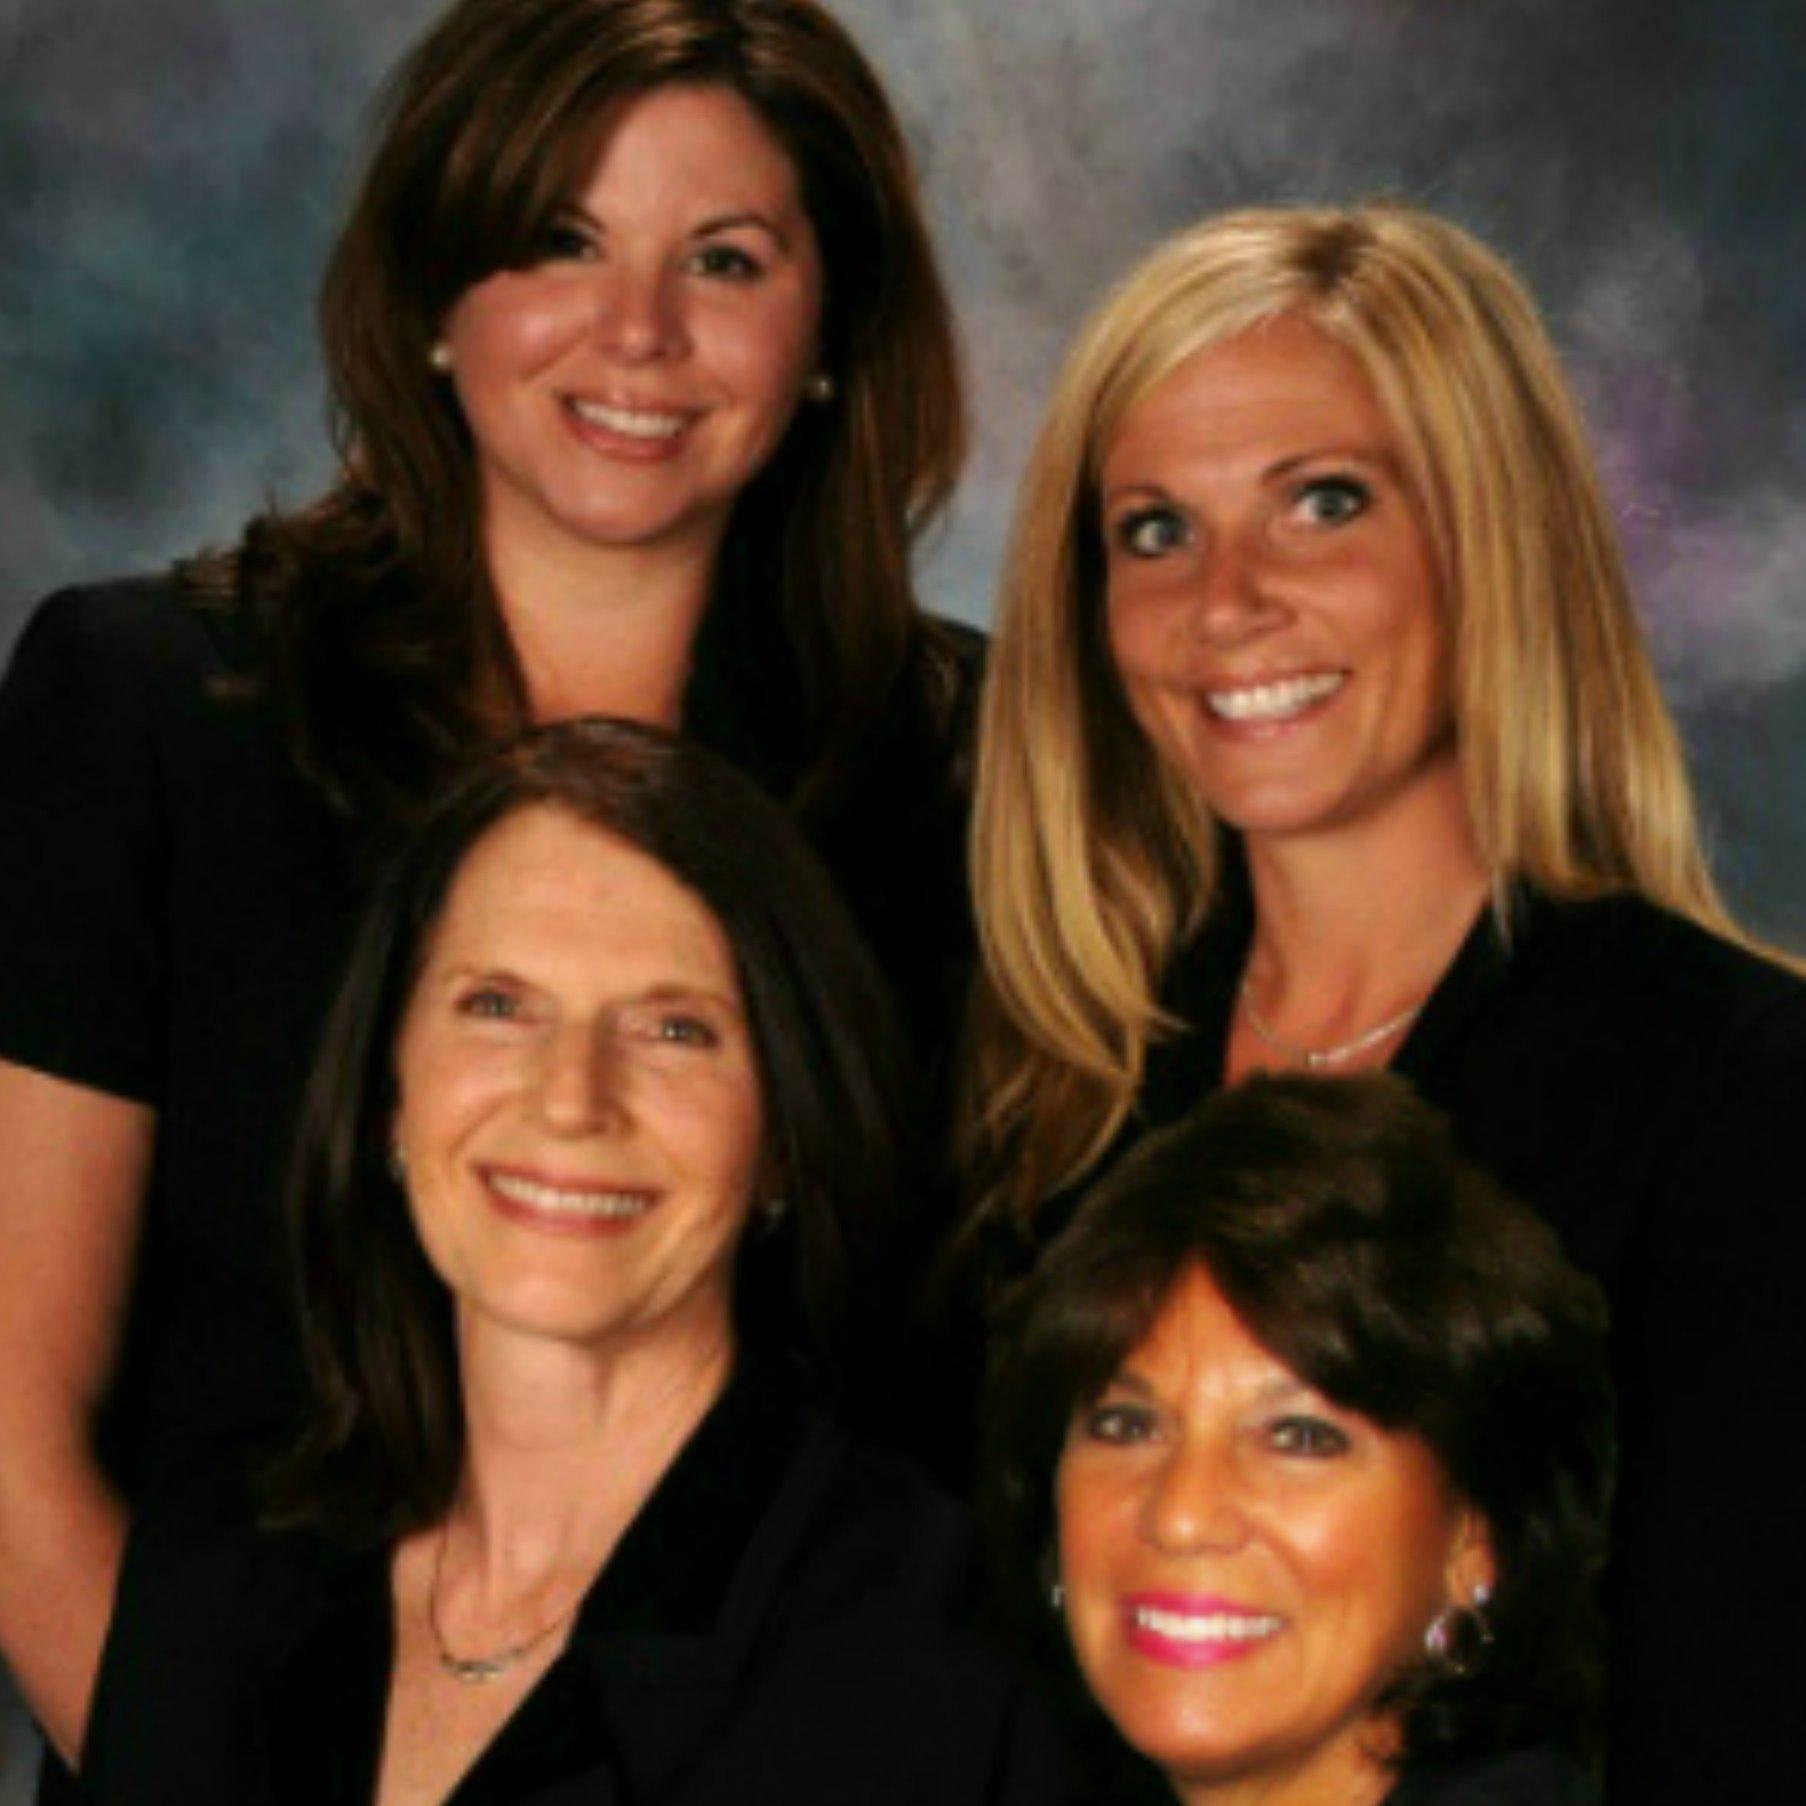 Women's OB/GYN Associates